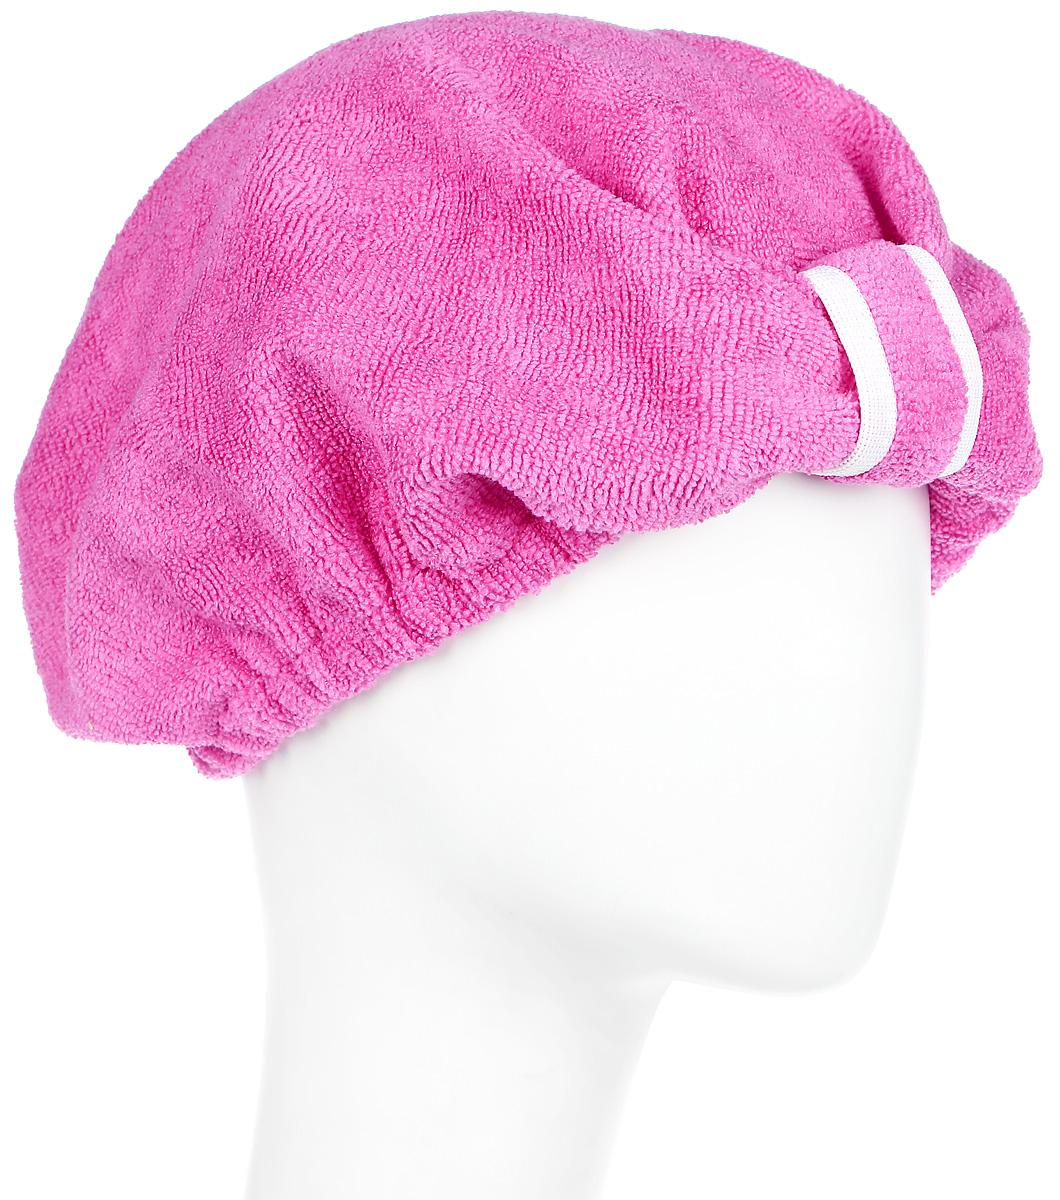 Чалма для сушки волос Главбаня, цвет в ассортименте чалма купить в интернет магазине